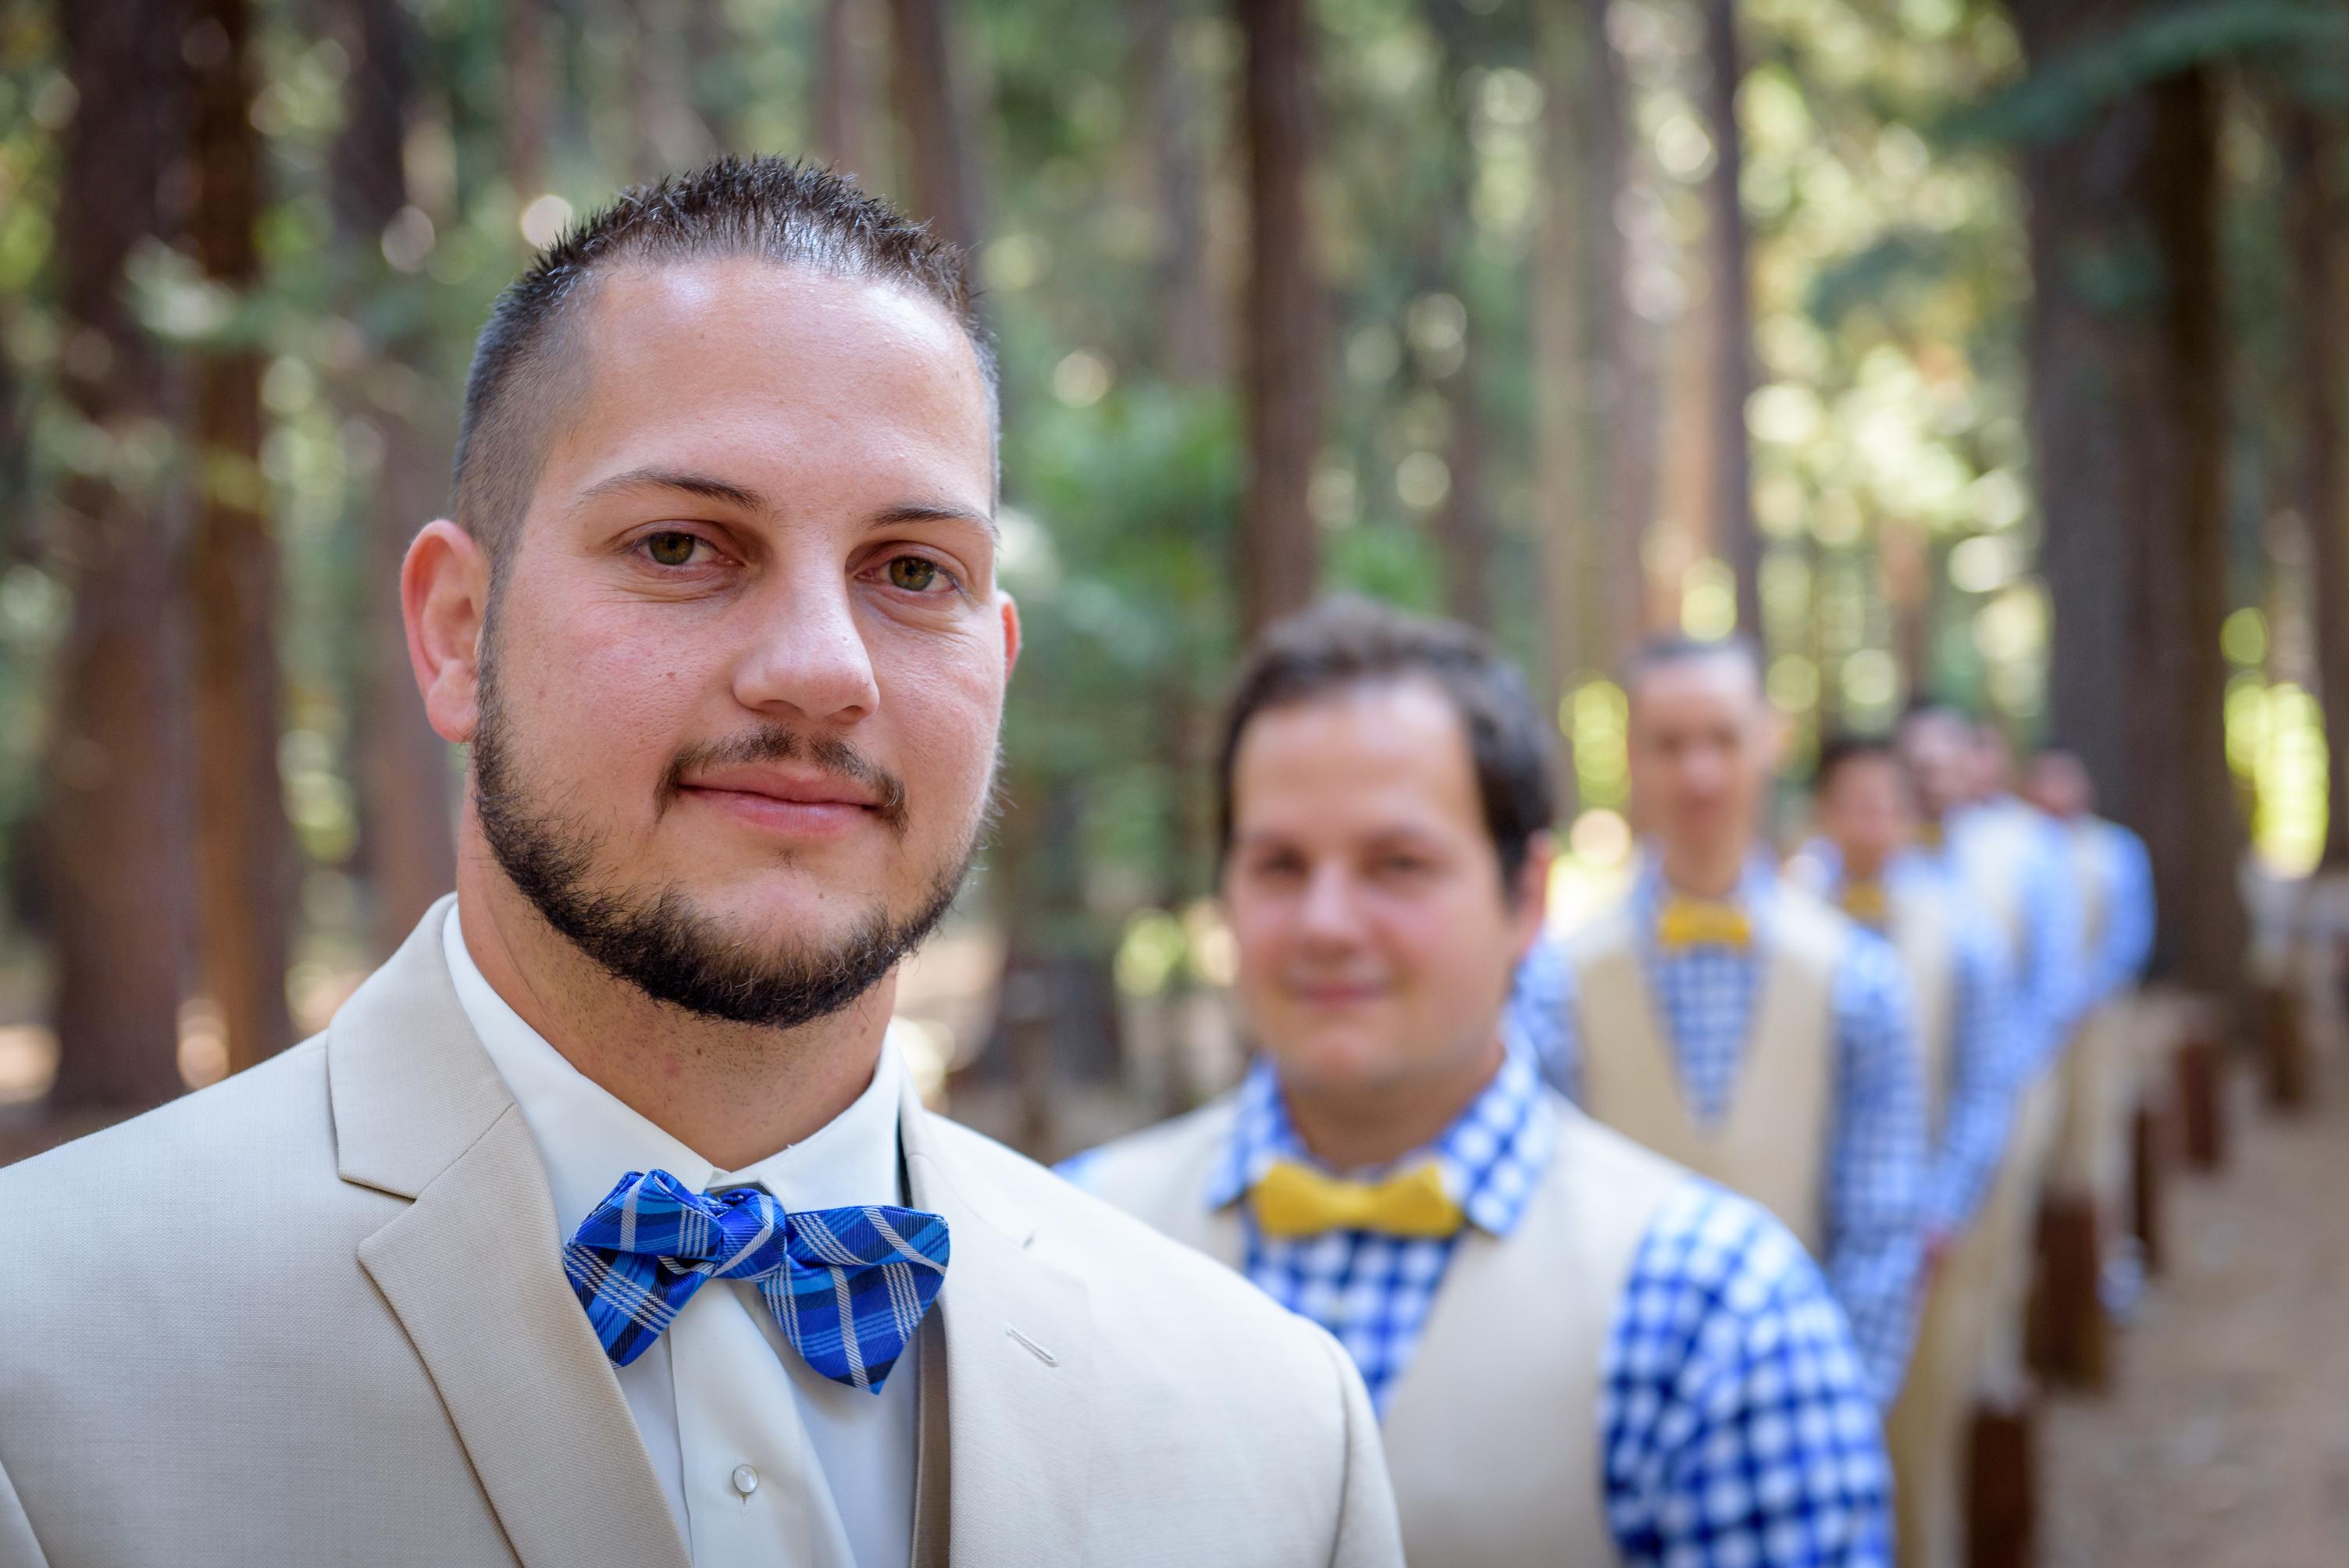 Luke and his groomsmen